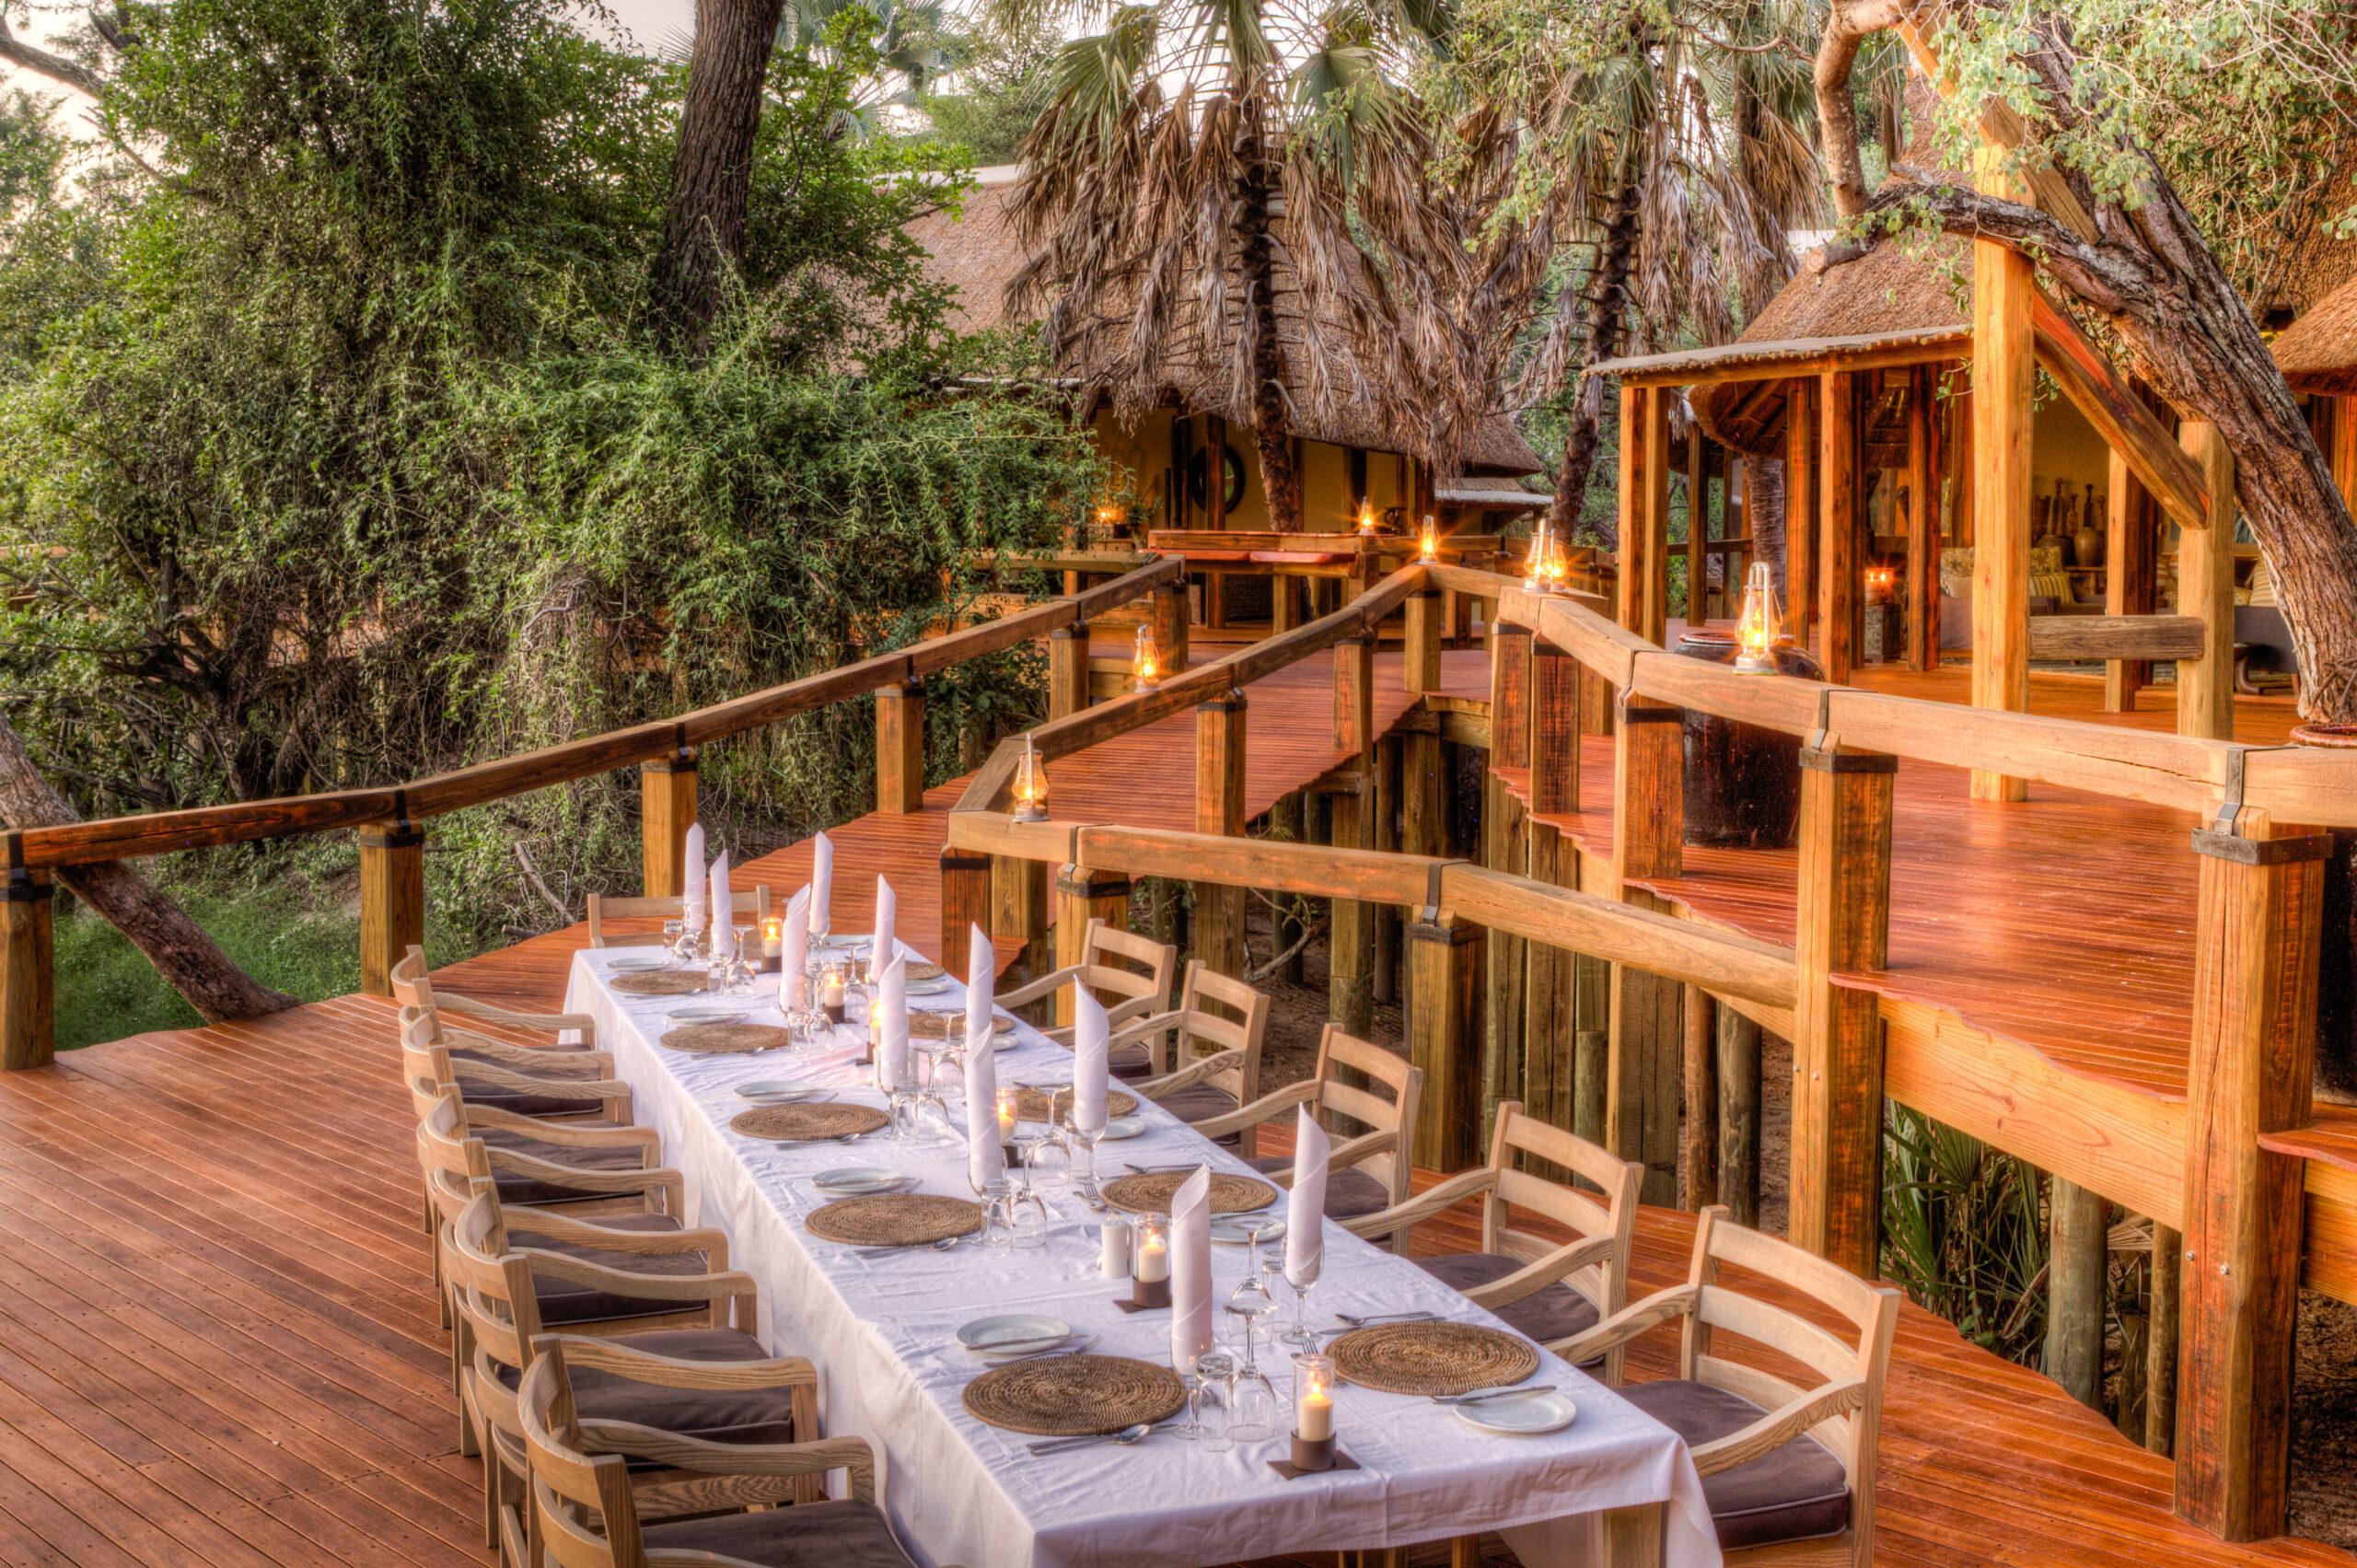 Get Lost in the Beauty of Camp Okavango